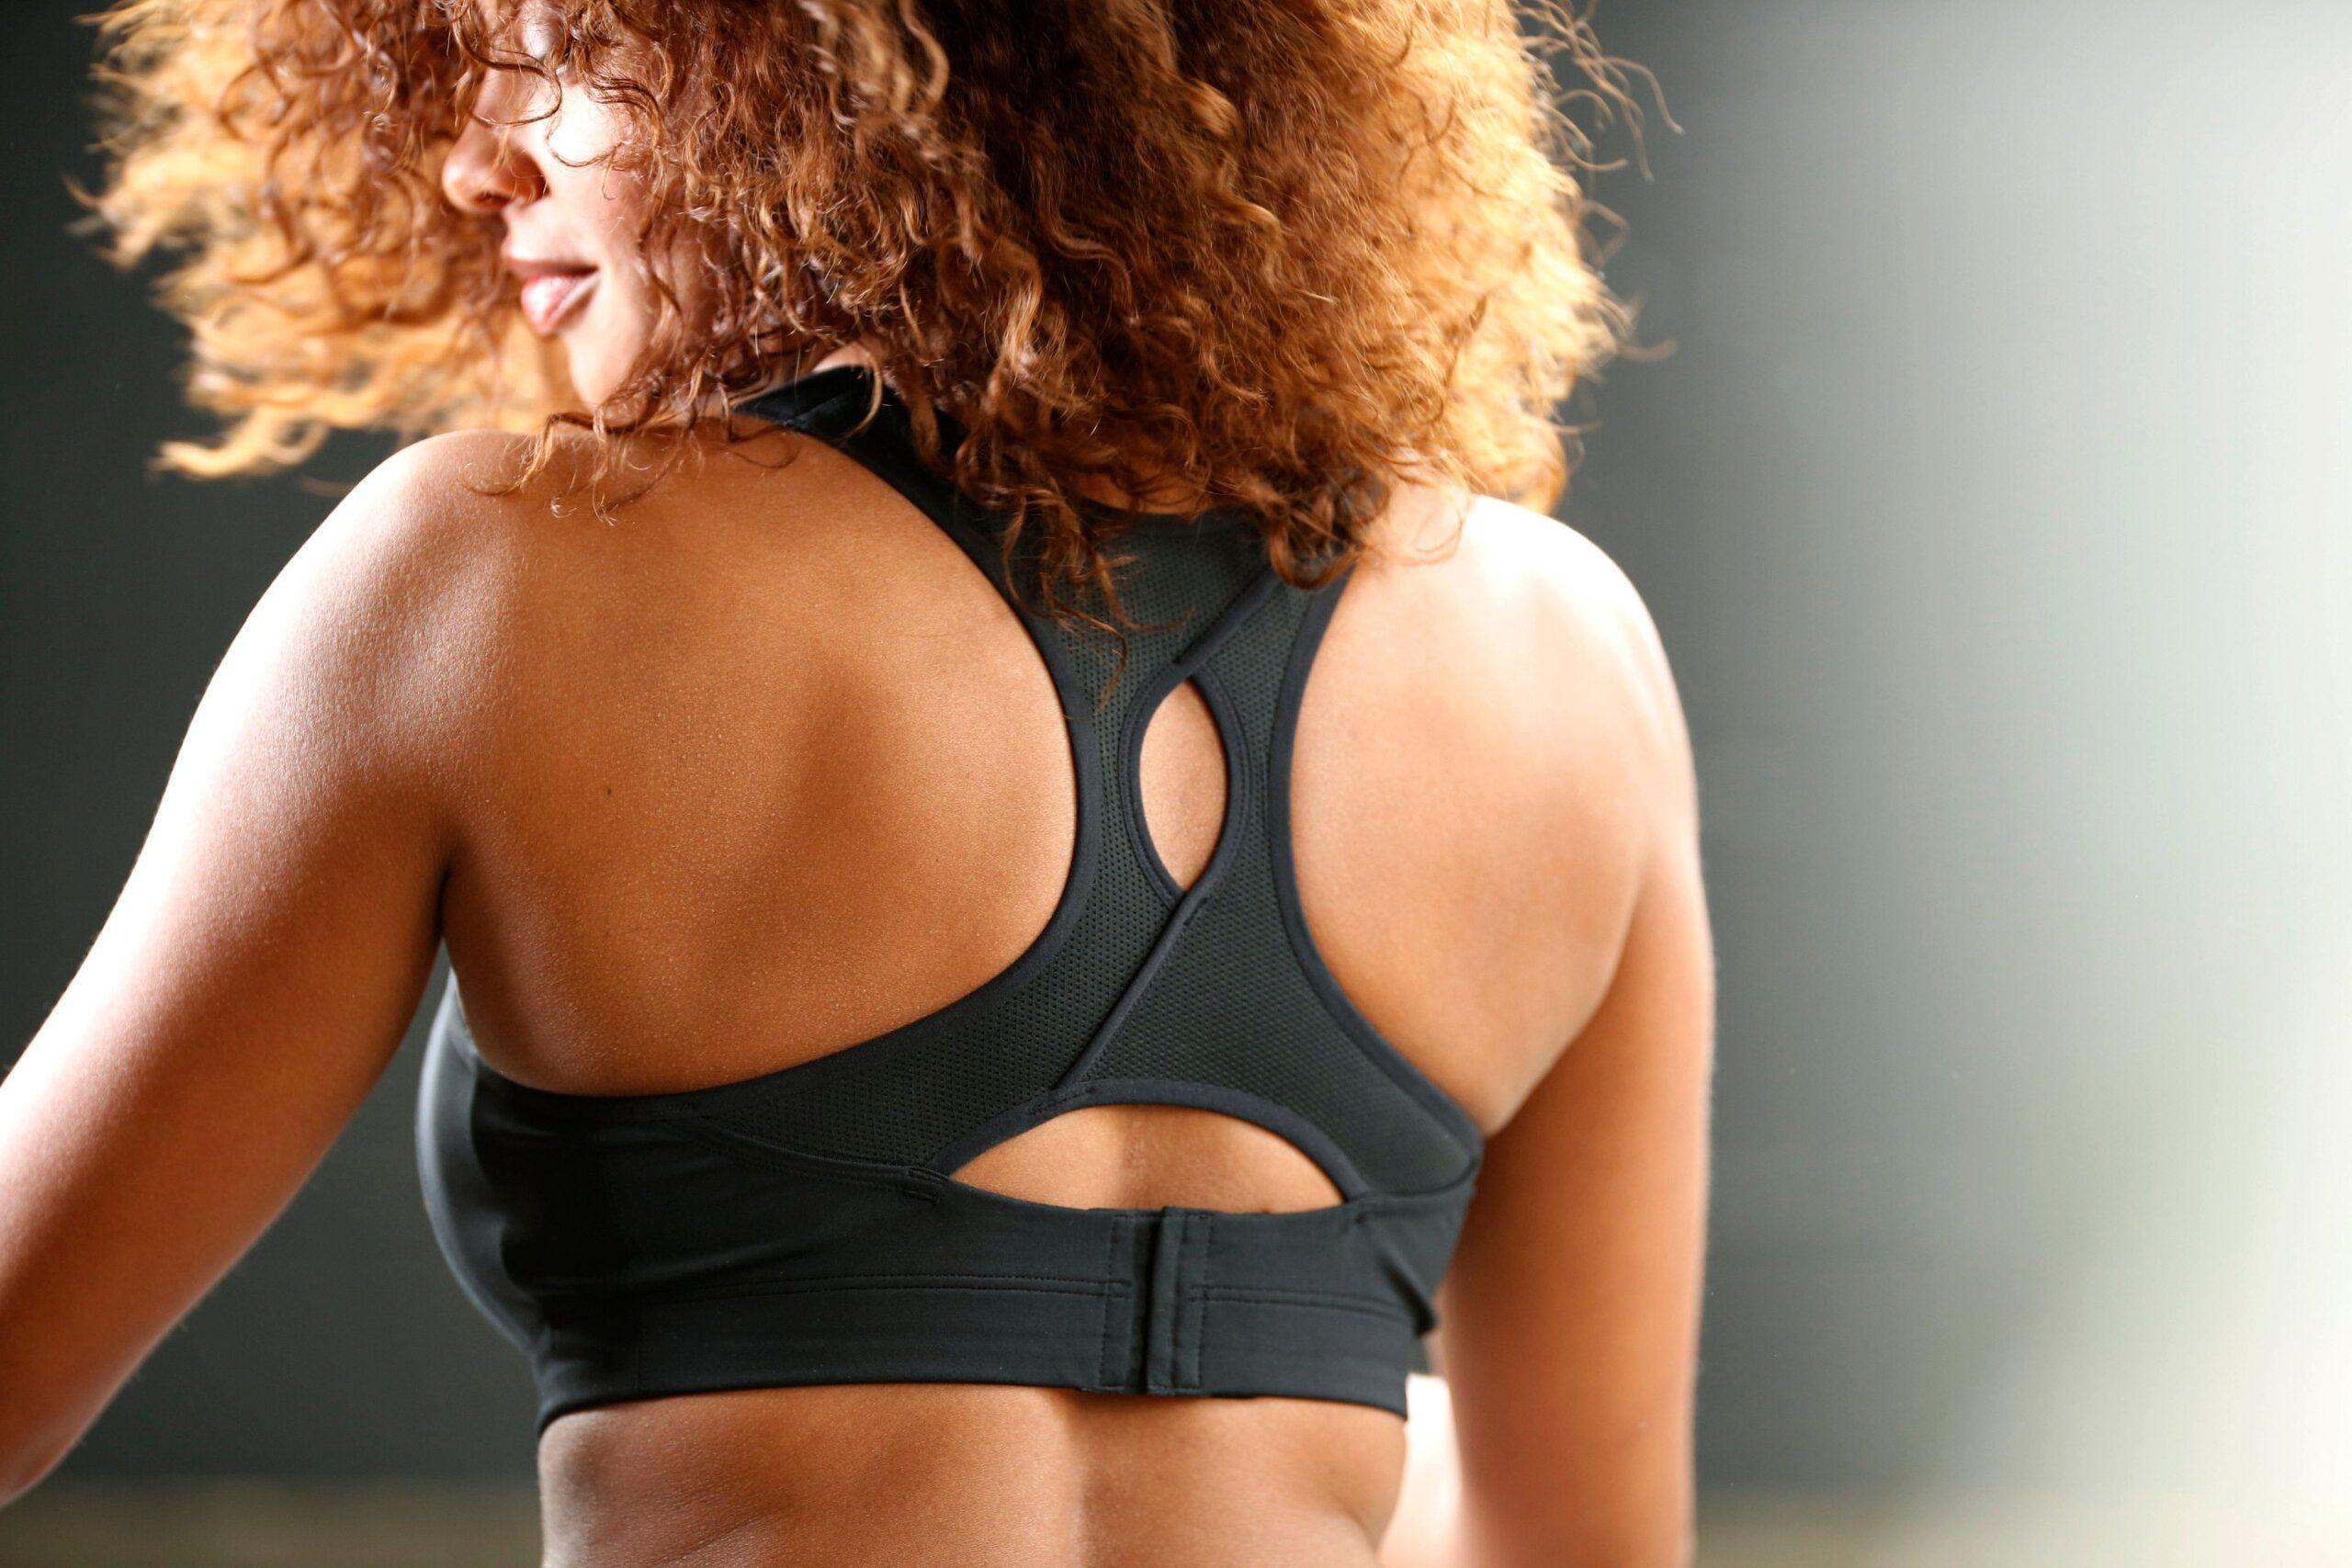 Abbigliamento sportivo, 5 regole per lavarlo bene